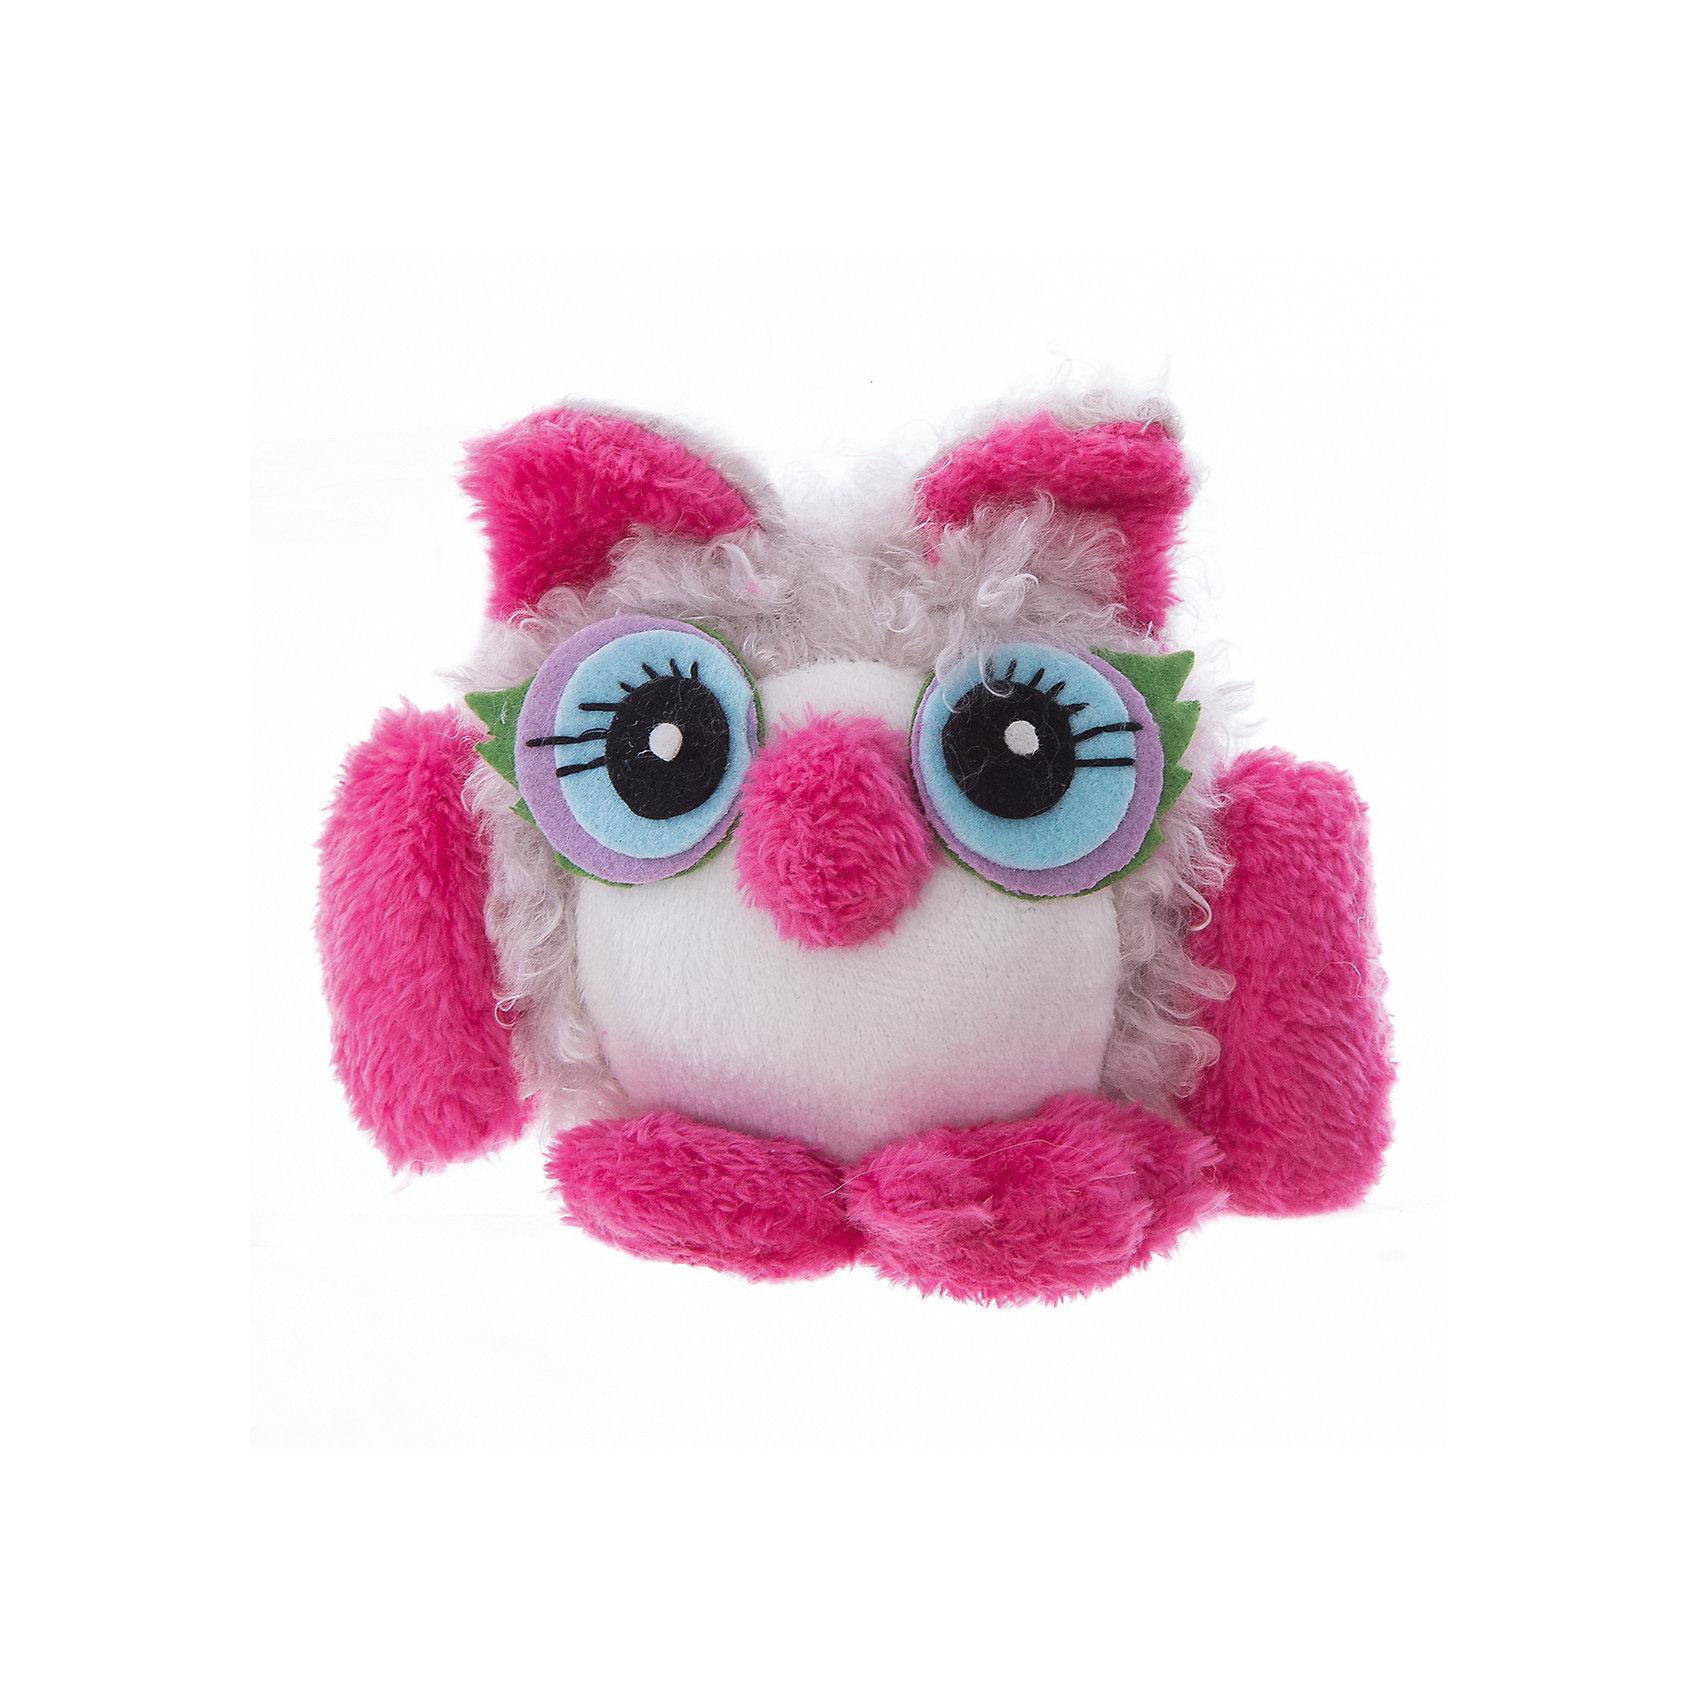 Интерьерная кукла Совушка C21-066008, EstroПредметы интерьера<br>Характеристики интерьерной куклы:<br><br>- размеры: 25*12*8 см. <br>- тип игрушки: животные, мягкая игрушка<br>- персонаж: сова<br>- вид упаковки: коробка<br>- возрастные ограничения: 3+<br>- комплектация: игрушка <br>- состав: полиэстер, полиэфир<br>- материал изготовления: высококачественный пластик, полиэстер, ткань<br>- стиль: классический, прованс<br>- бренд: Estro <br>- страна бренда: Италия<br>- страна производитель: Китай<br><br>Мягкая игрушка розовый совенок торговой марки Estro станет прекрасным вариантом для подарка ценителю мягких грушек. Изделие изготовлено из качественных материалов приятной расцветки. Внешний вид мягкой игрушки продуман до мелочей, учитывая все нюансы. Совенок окрашен в малиновый, серый цвет. <br><br>Интерьерную куклу сова итальянской торговой марки Estro можно купить в нашем интернет-магазине.<br><br>Ширина мм: 100<br>Глубина мм: 150<br>Высота мм: 150<br>Вес г: 74<br>Возраст от месяцев: 36<br>Возраст до месяцев: 1188<br>Пол: Женский<br>Возраст: Детский<br>SKU: 5356629